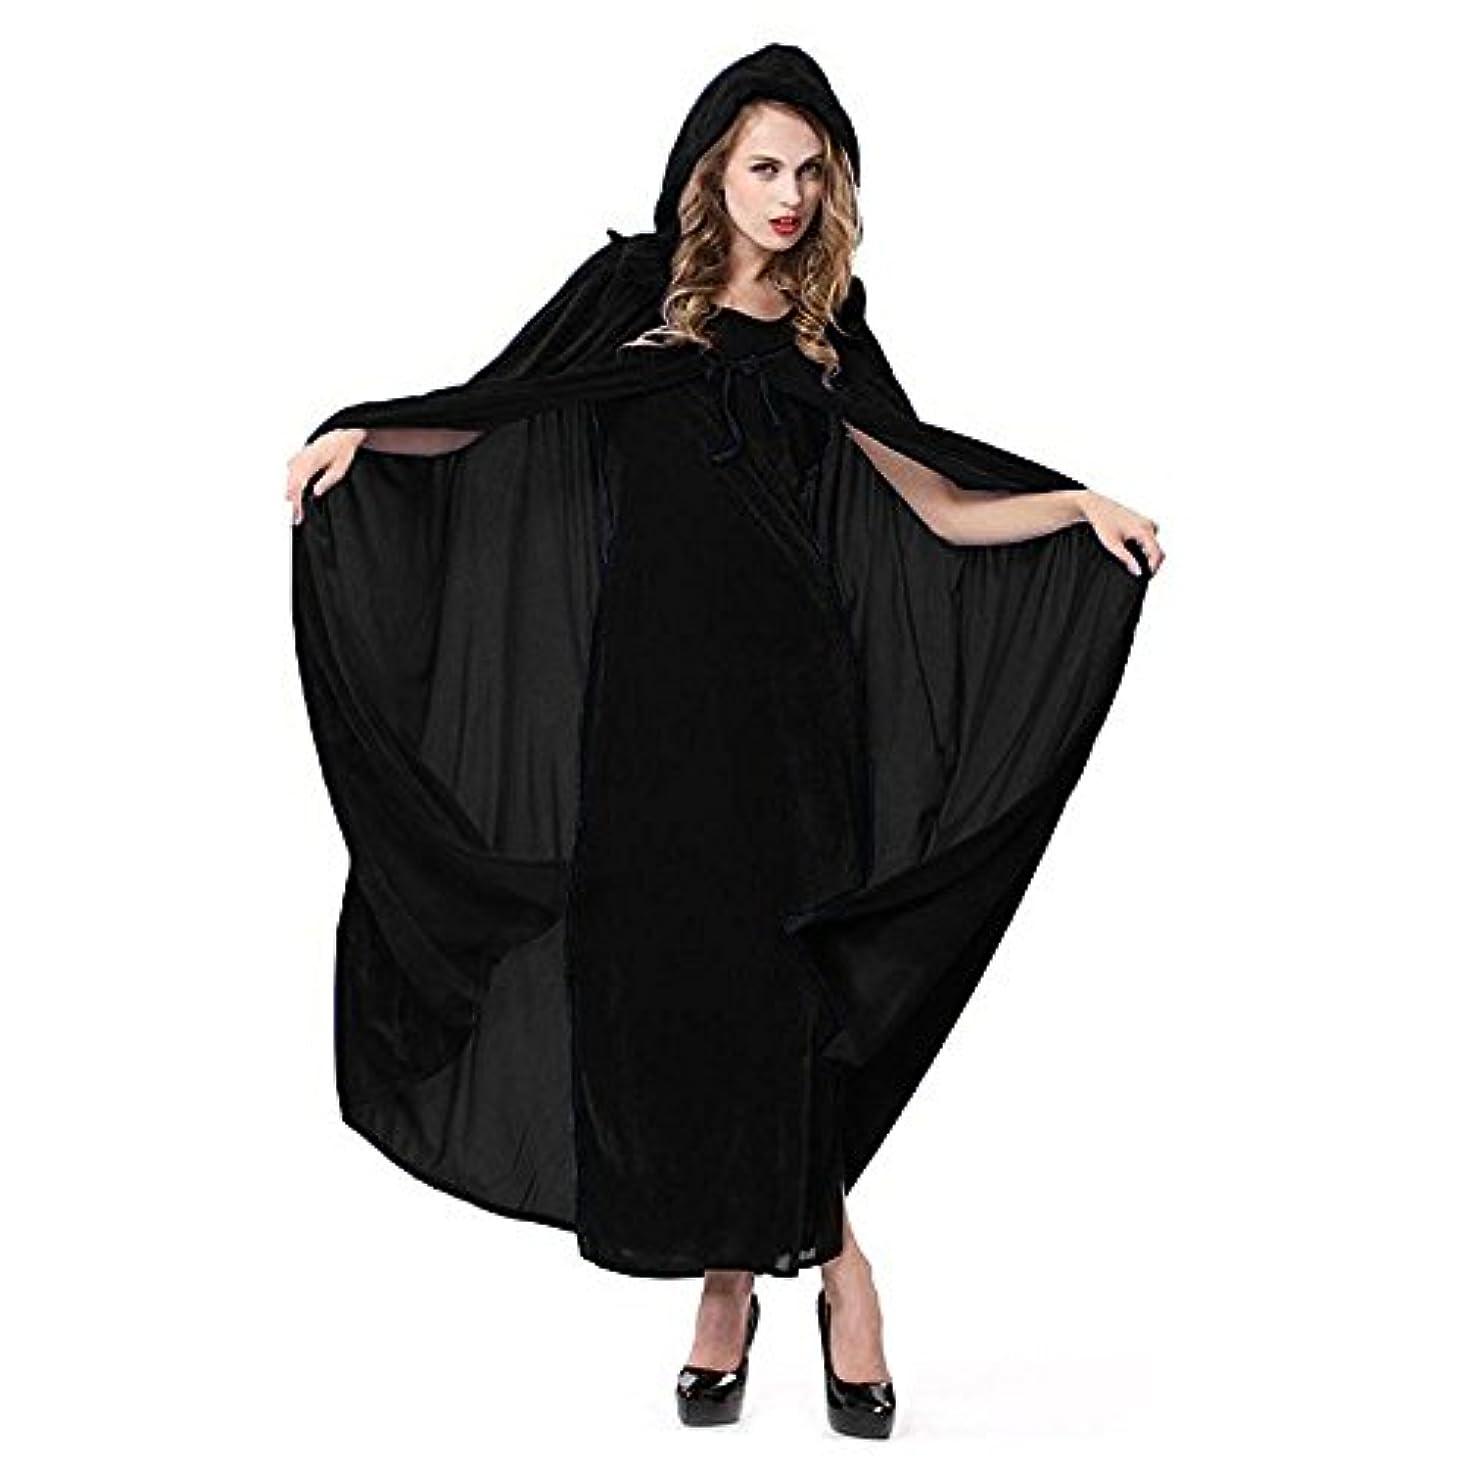 耐久緊張する変える【ハピクリ】 魔女 仮装用 コスチューム マント 色が選べる フード付き フリーサイズ ベルベット調 ハロウィン (黒 ブラック)